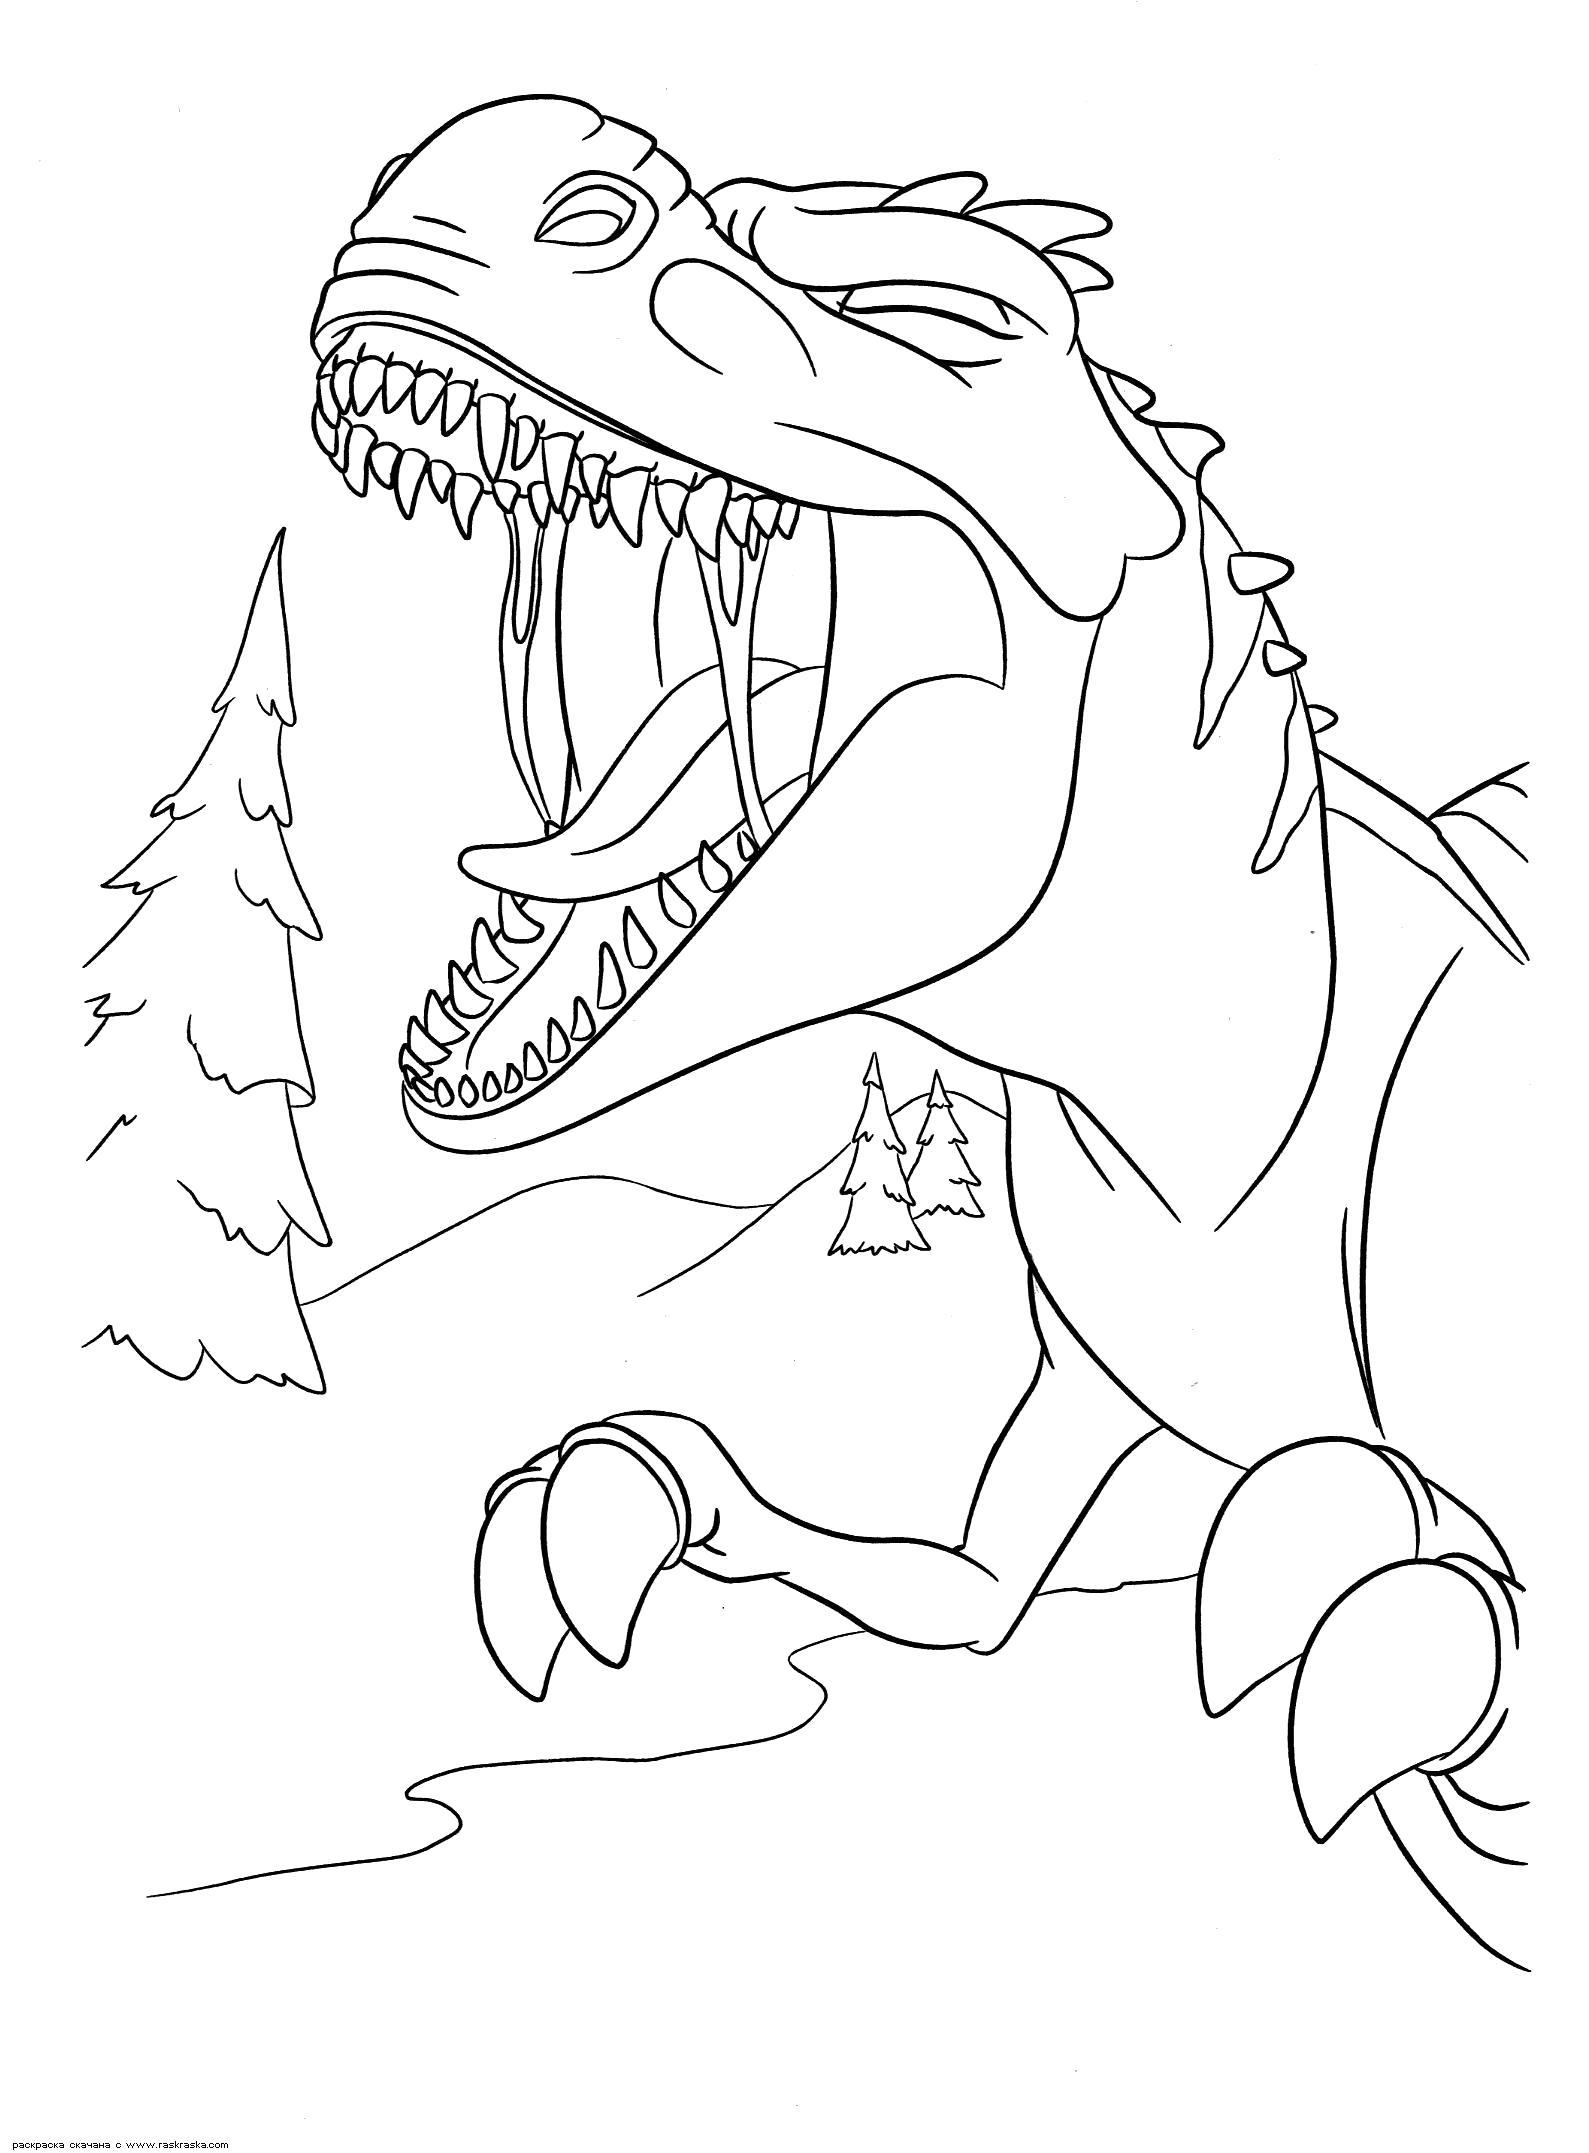 Раскраска  Громкий рёв мамаши.   динозавра из мультика Ледниковый период 3: Эра динозавров. Разукрашка скачать бесплатно. Скачать динозавр.  Распечатать динозавр